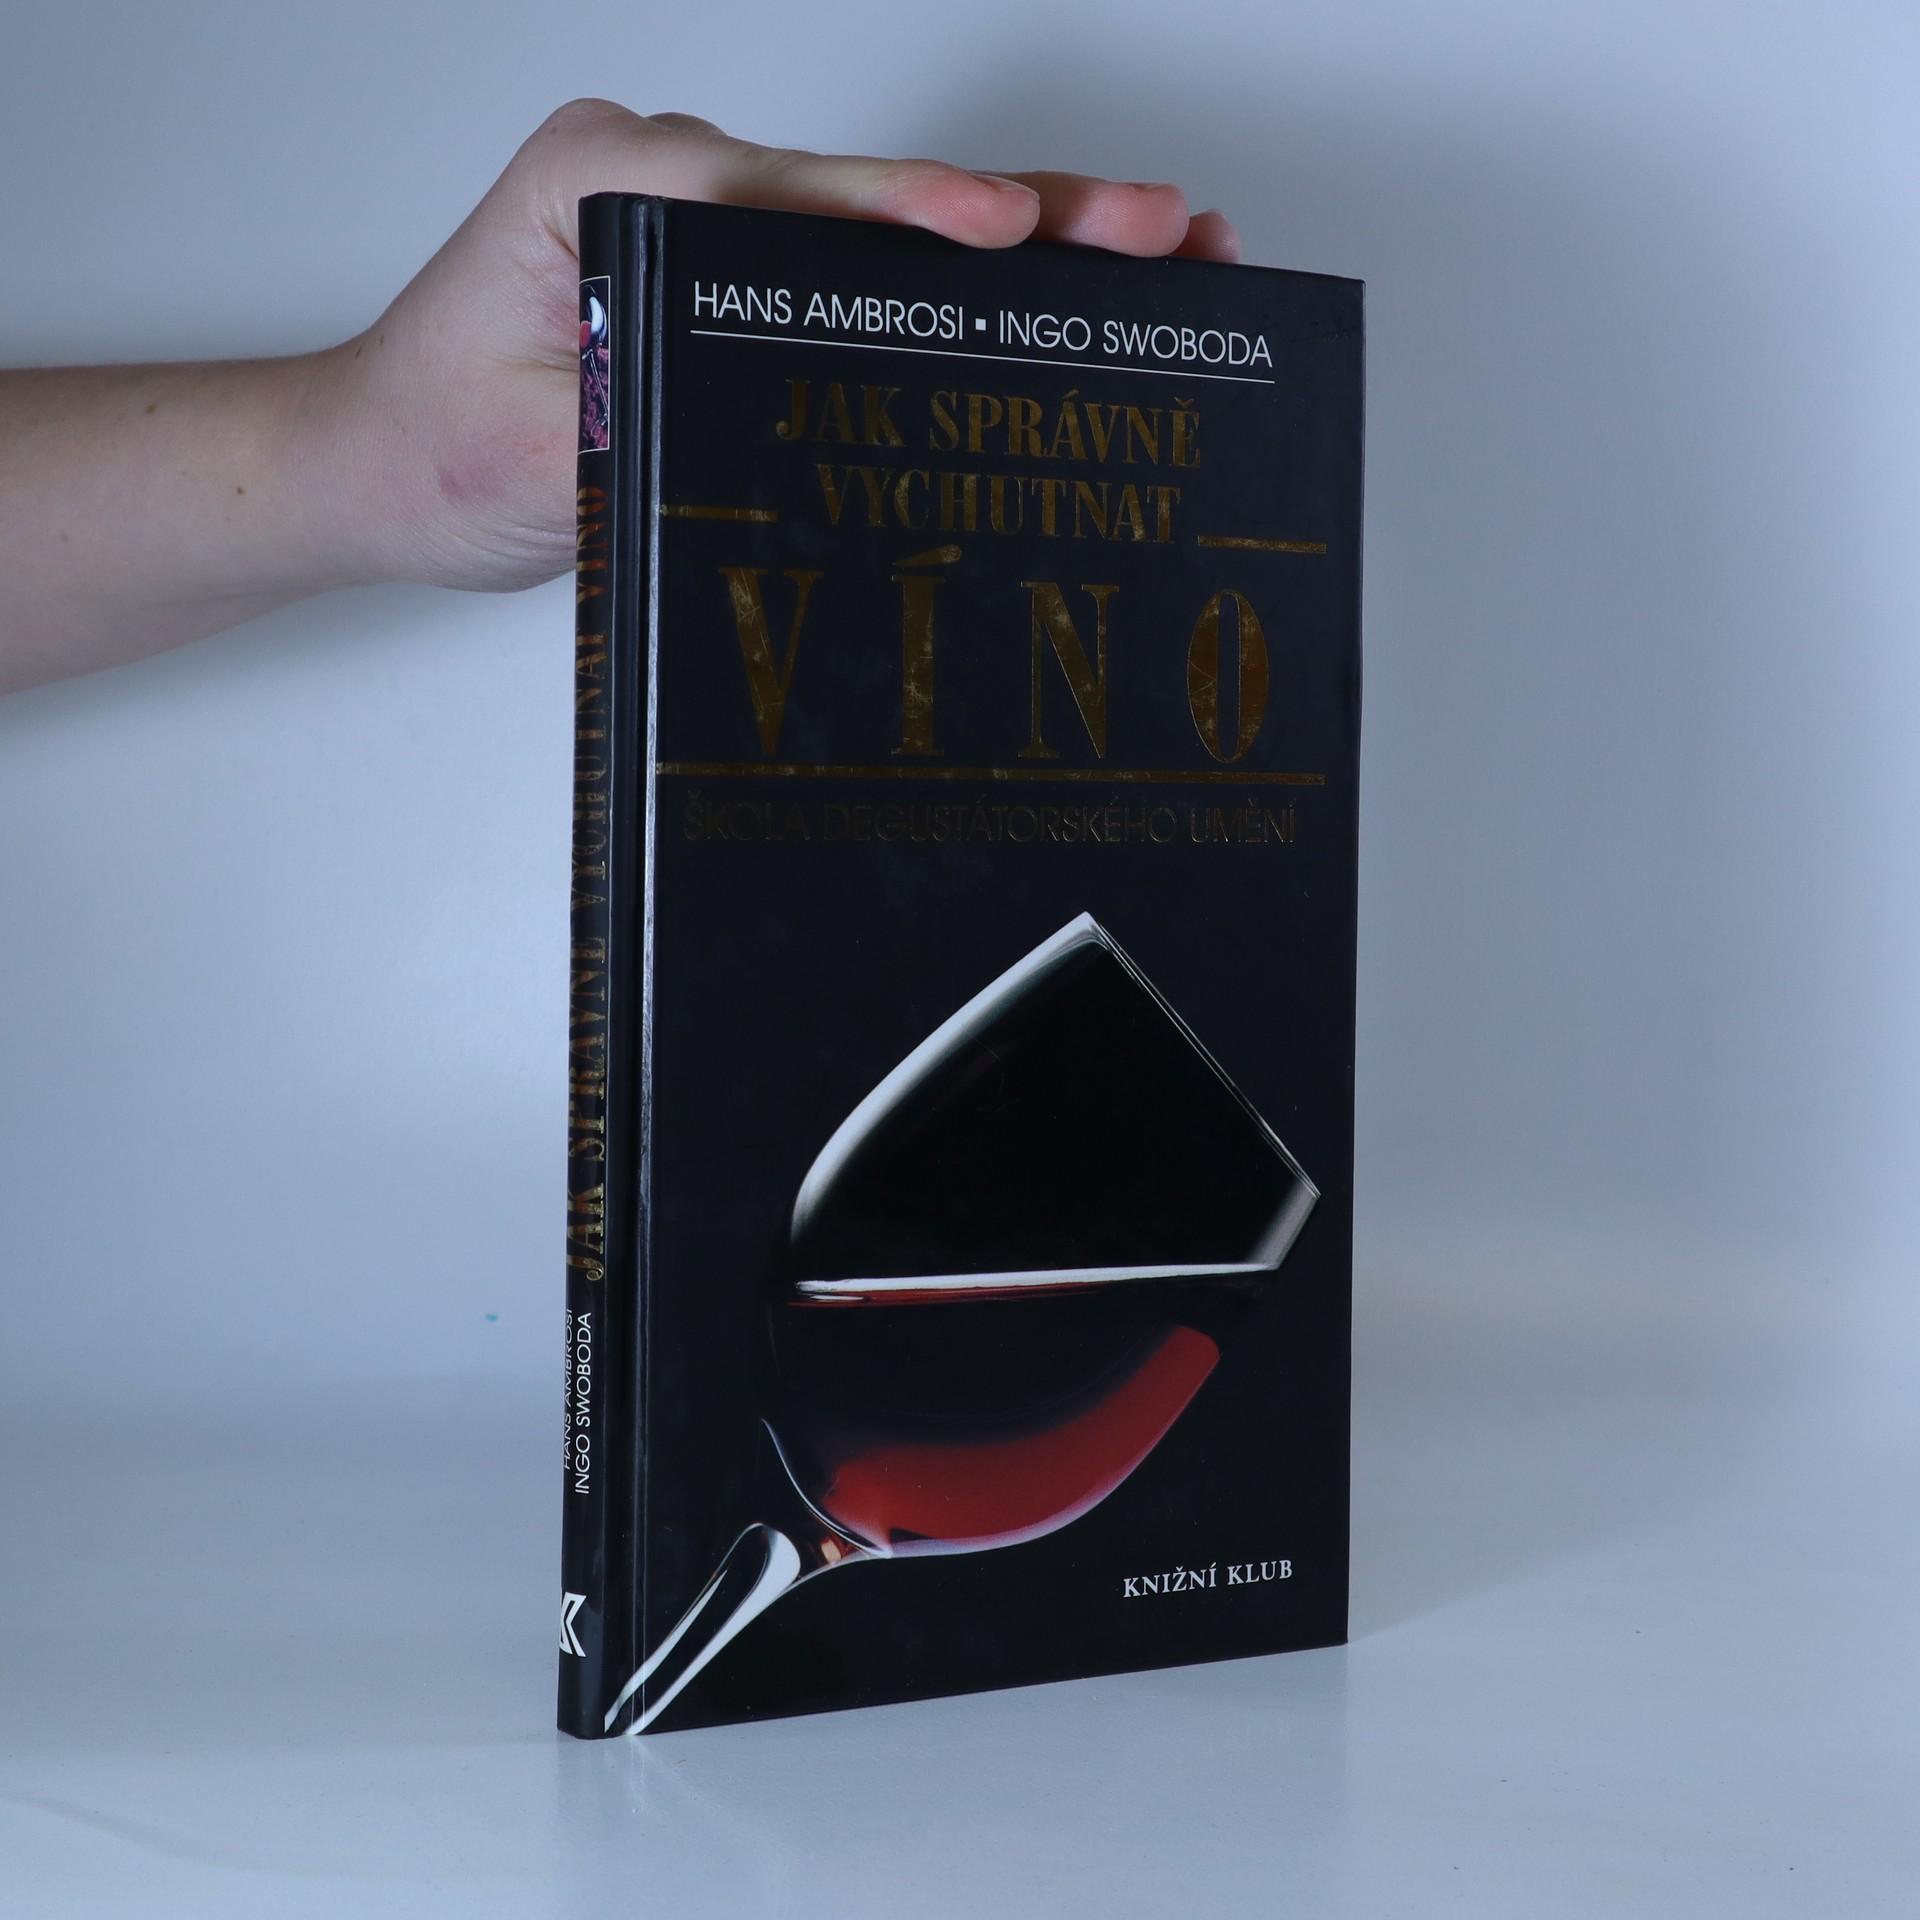 antikvární kniha Jak správně vychutnat víno : škola degustátorského umění, 2001